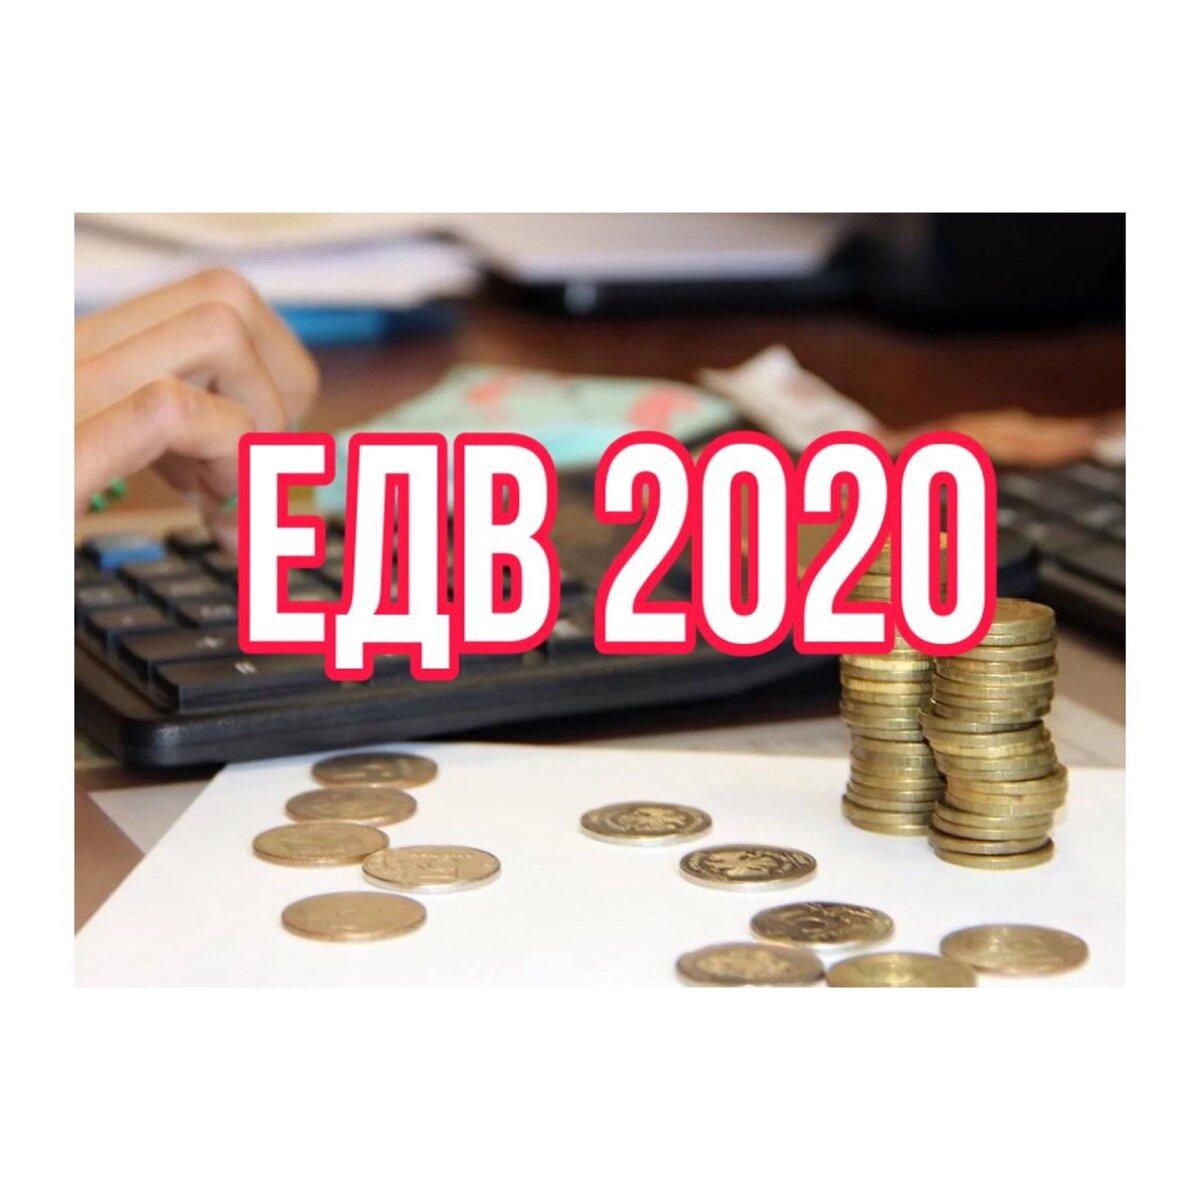 Единовременные денежные выплаты в 2020 году